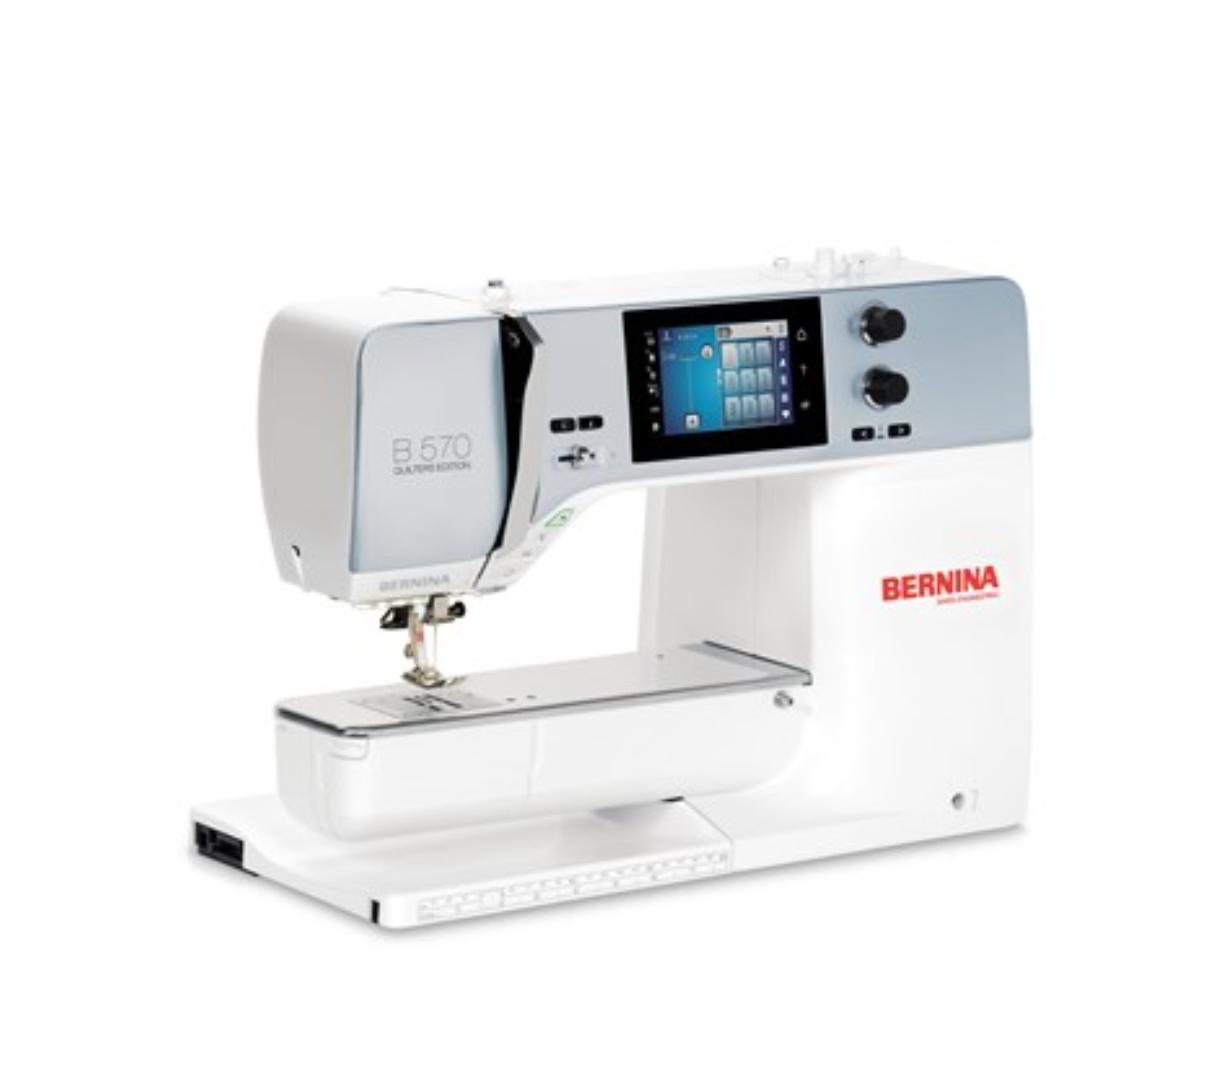 Bernina 570 QE / QE E Sewing/Quilting/ Embroidery Machine